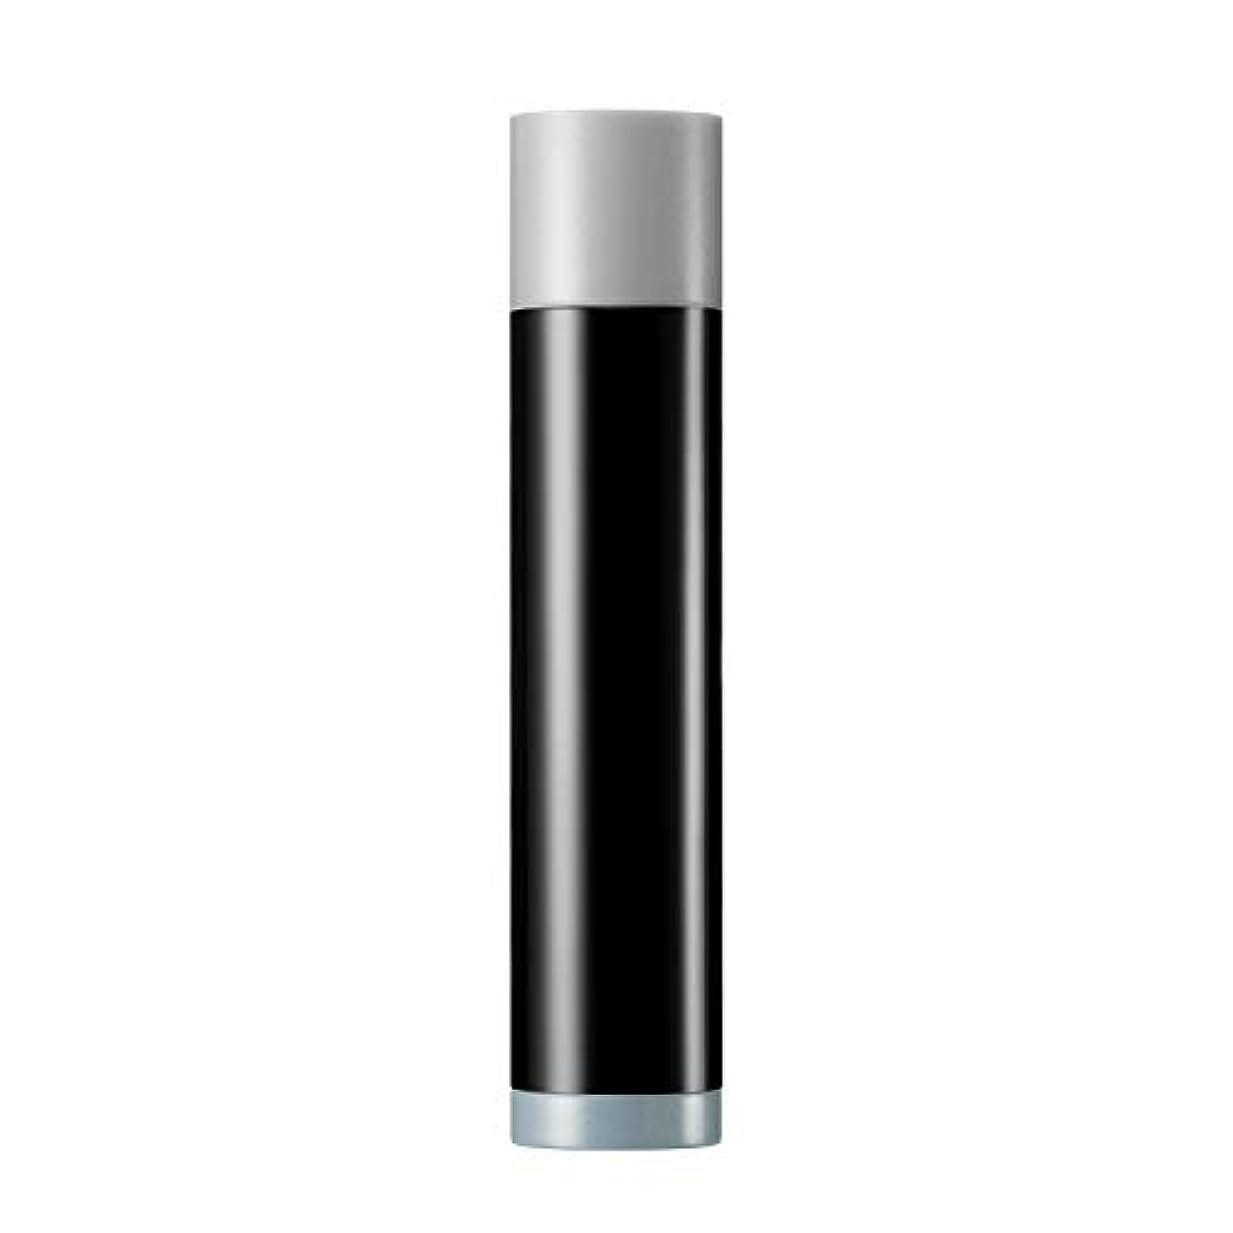 キルトフォルダダルセットヴィセ リシェ パウダーチップ アイカラー BL-10 シマーブルー 0.6g